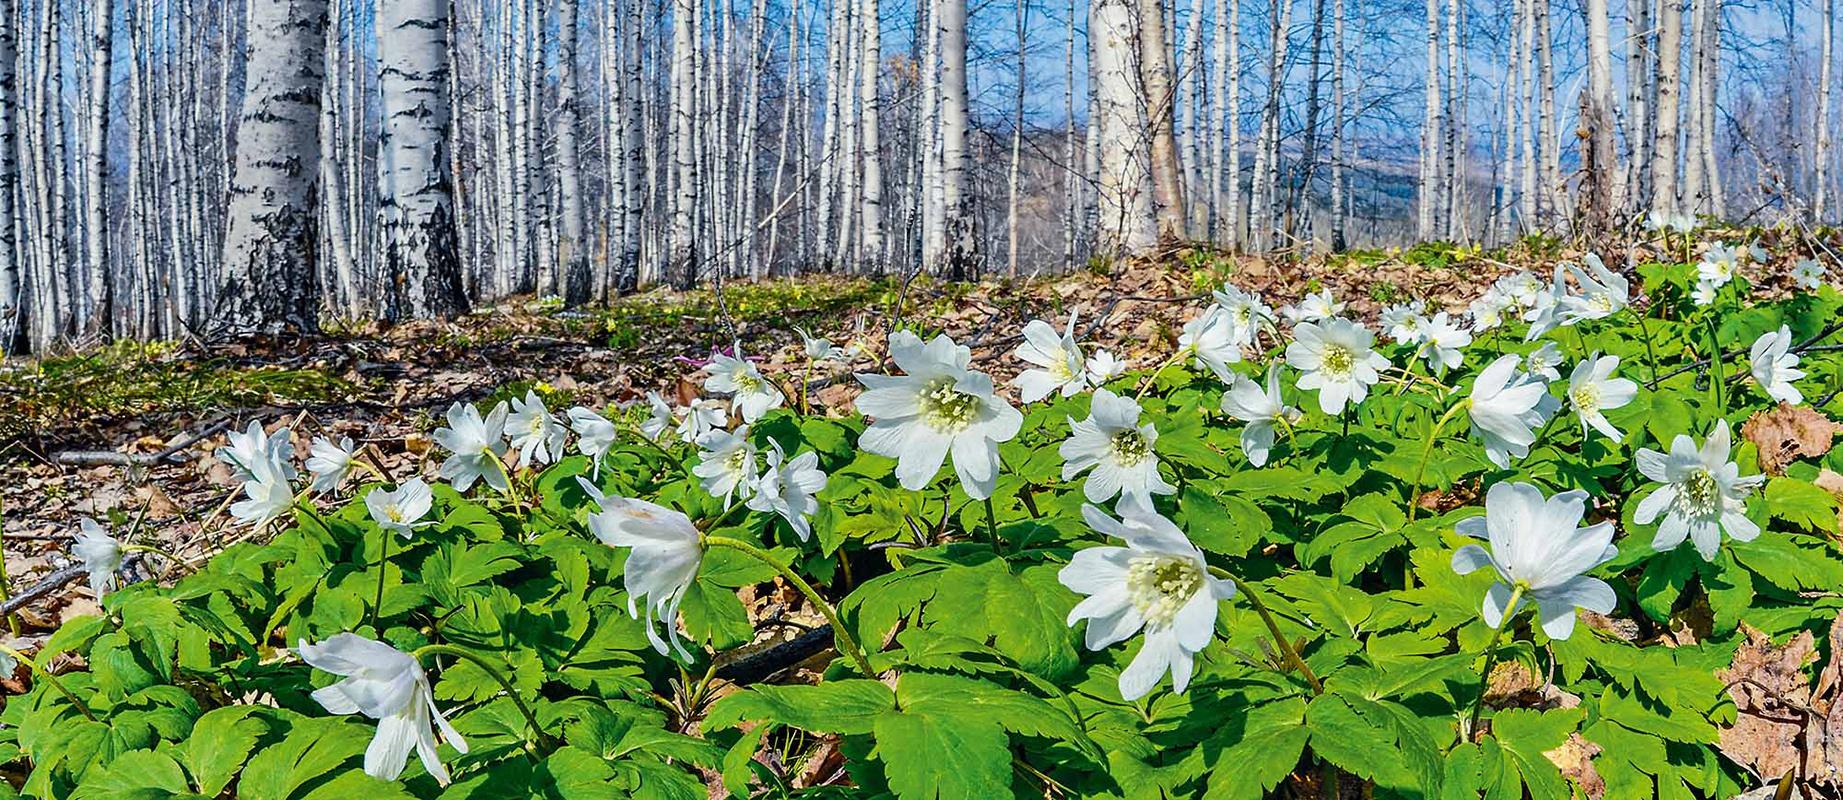 La regione dell'Altaj è conosciuta non solo per la straordinaria catena montuosa e i fiumi, ma anche per le numerse specie animali che abitano queste zone